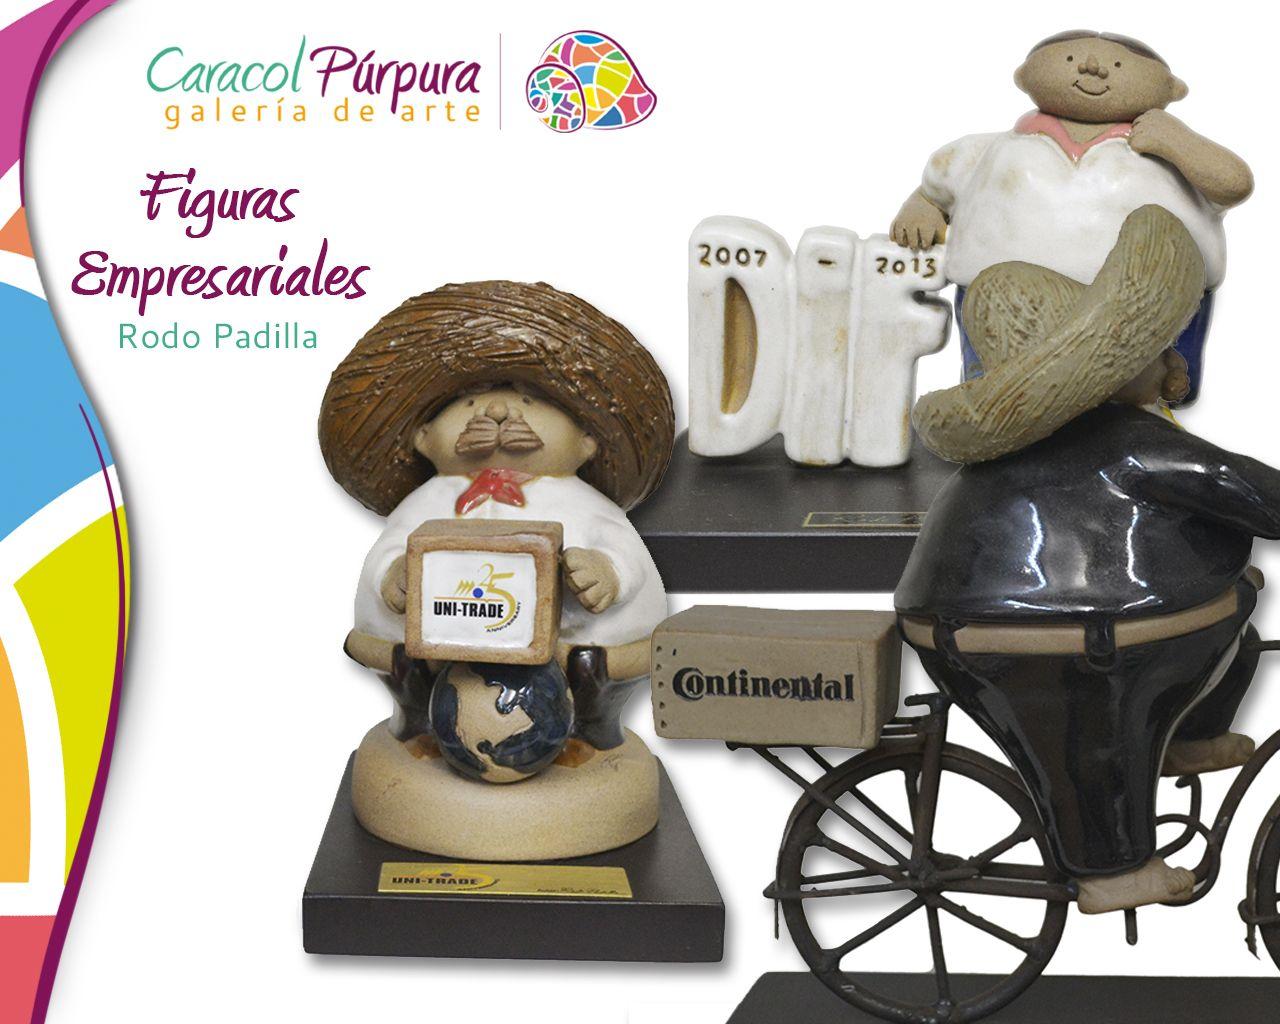 Figuras empresariales. Rodo Padilla. Disponibles para su venta en Caracol Purpura.